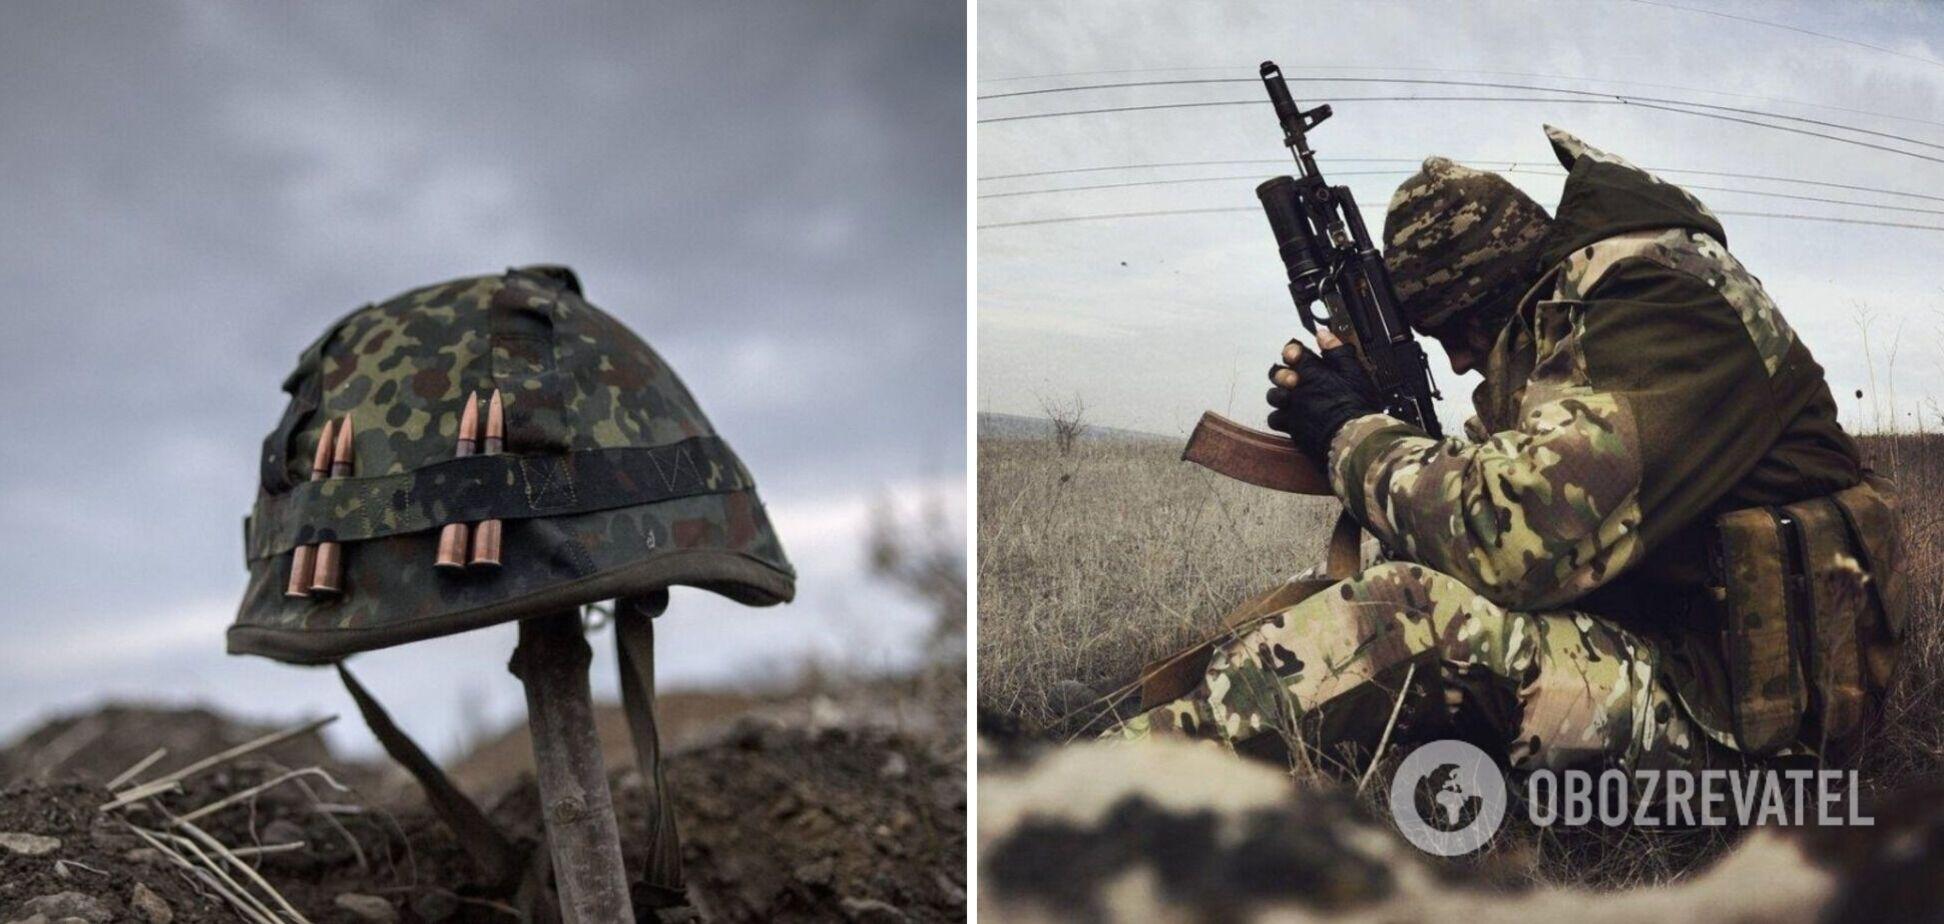 Загибель чотирьох воїнів ЗСУ на Донбасі: у штабі ООС розкрили деталі бою